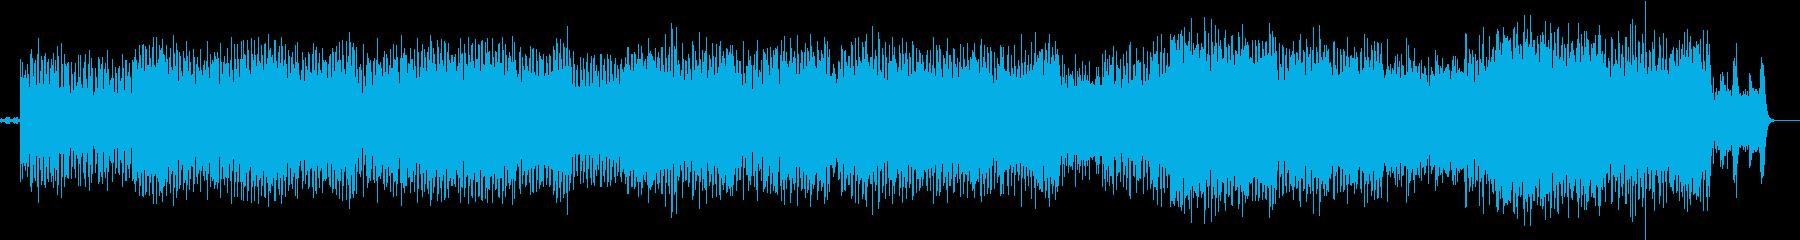 フルムーーン!!☆ハウス☆ピアノ・シンセの再生済みの波形